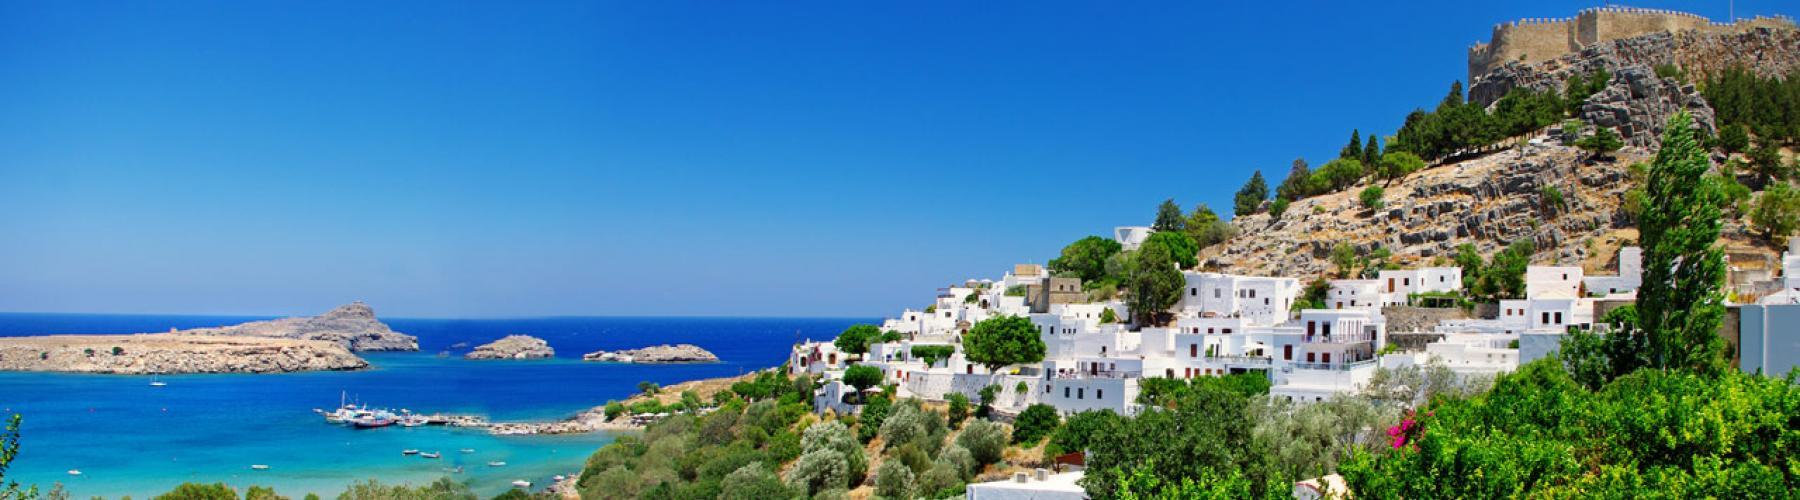 Самостоятельное путешествие в Грецию